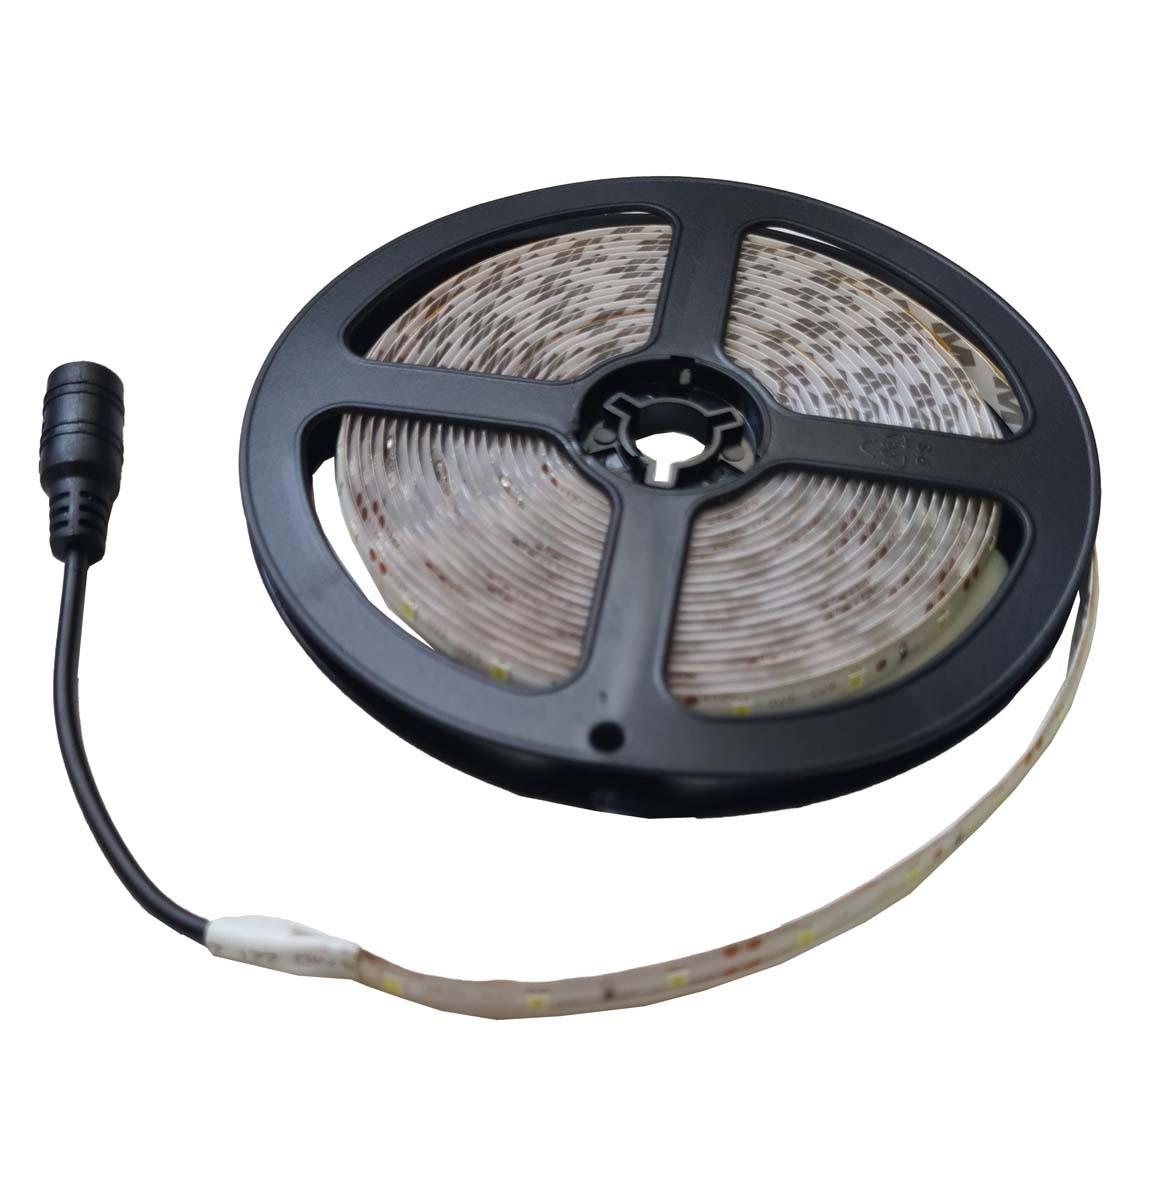 Fita LED 2835 Luz Branco Frio com 5 Metros e Proteção de silicone